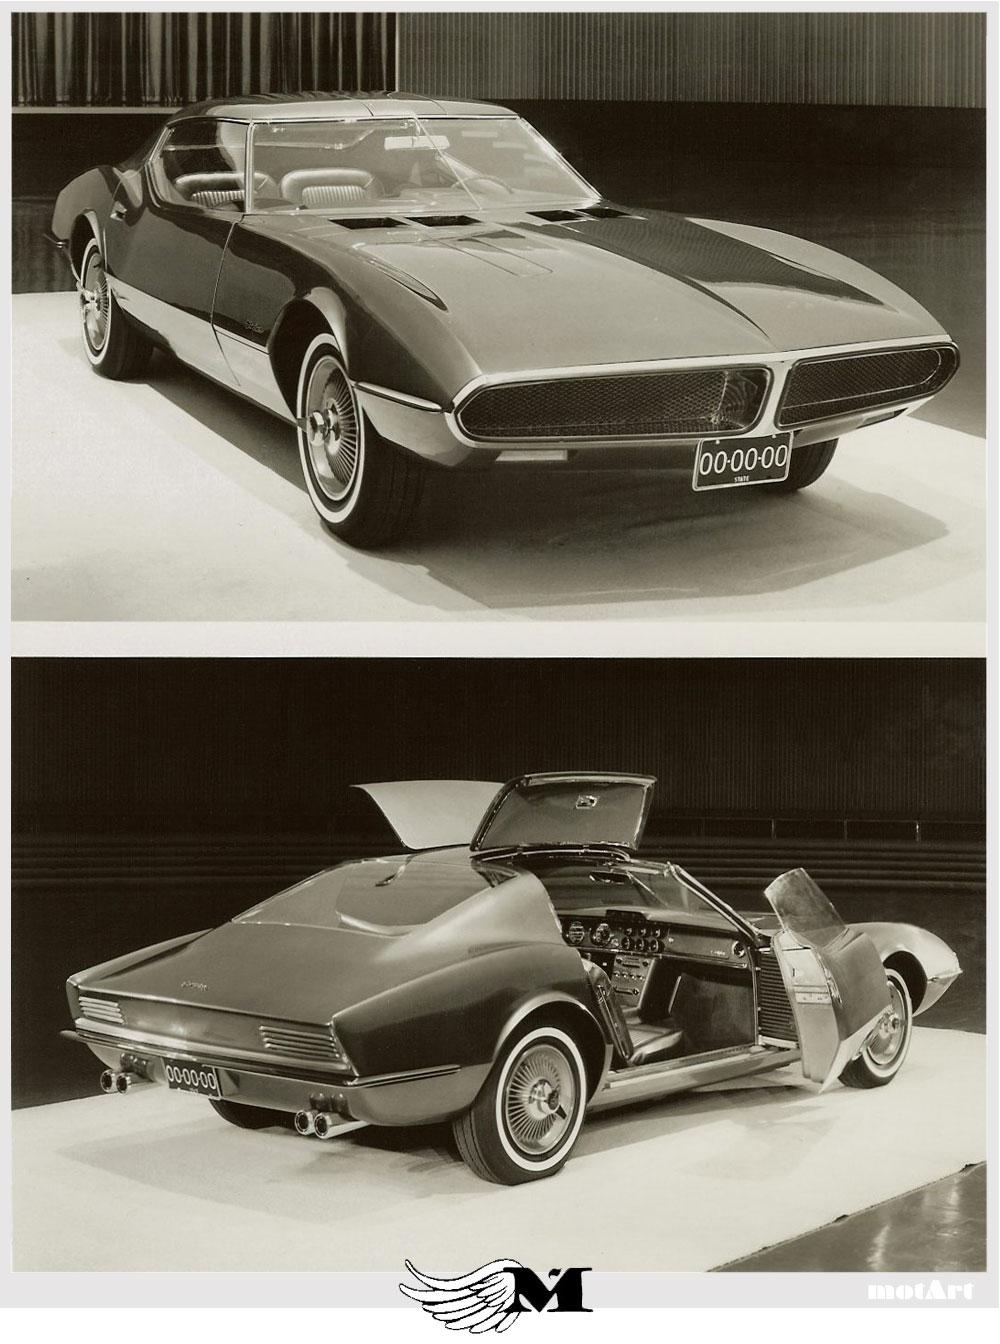 Pontiac Banshee Concept Car